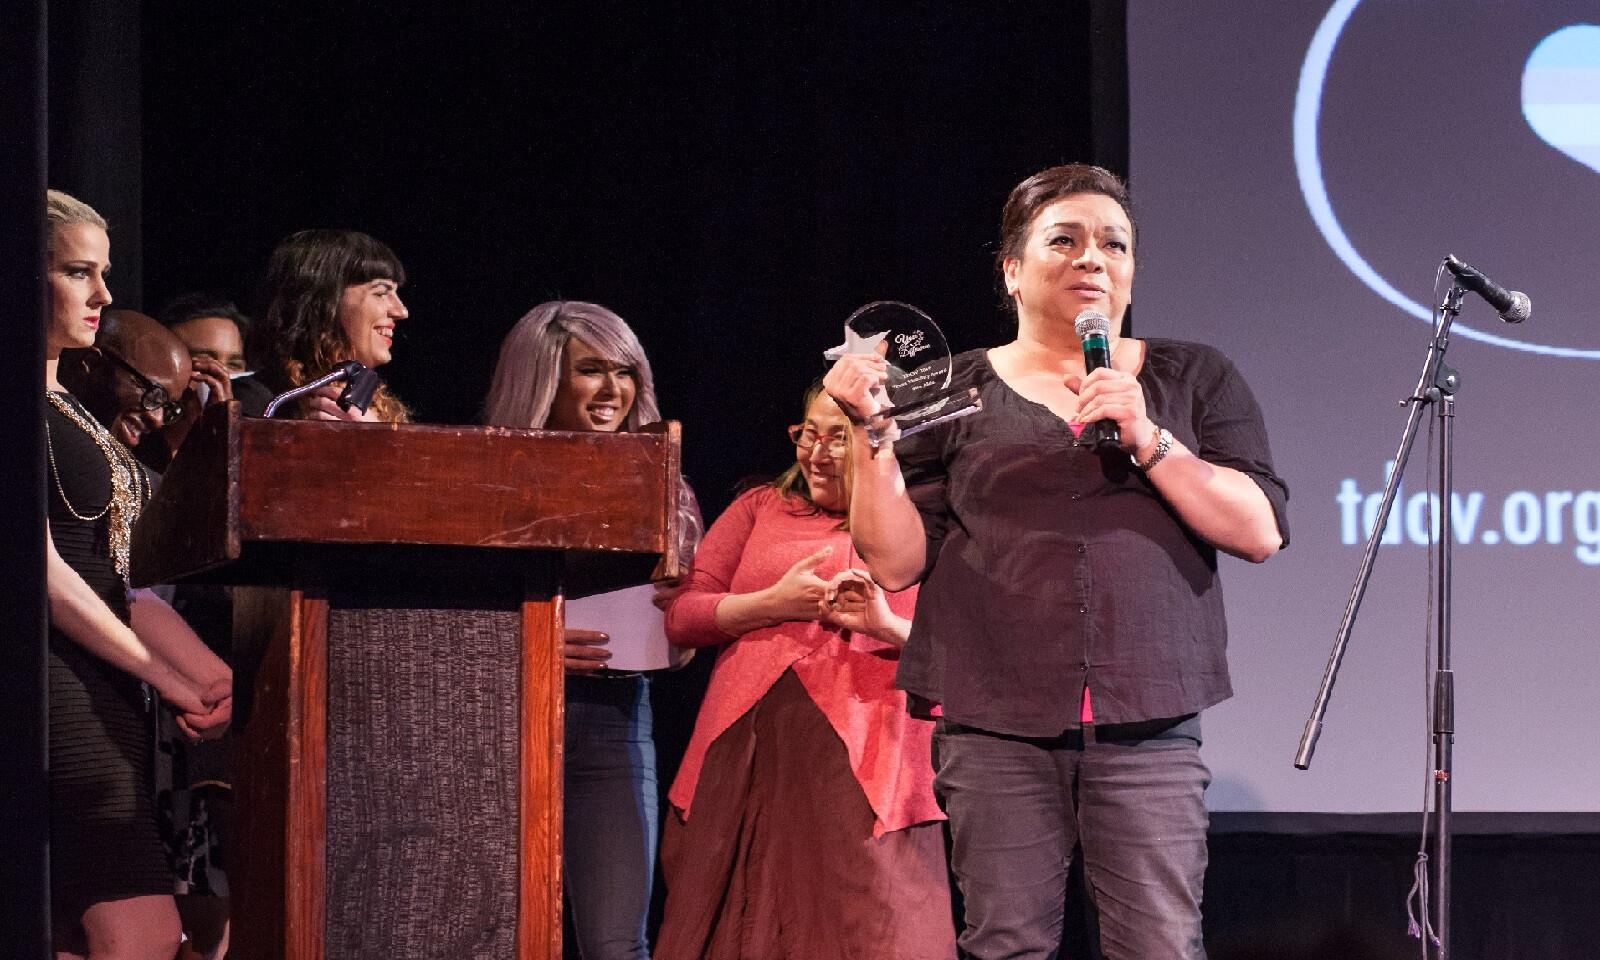 Santander: Inspirational women leaders